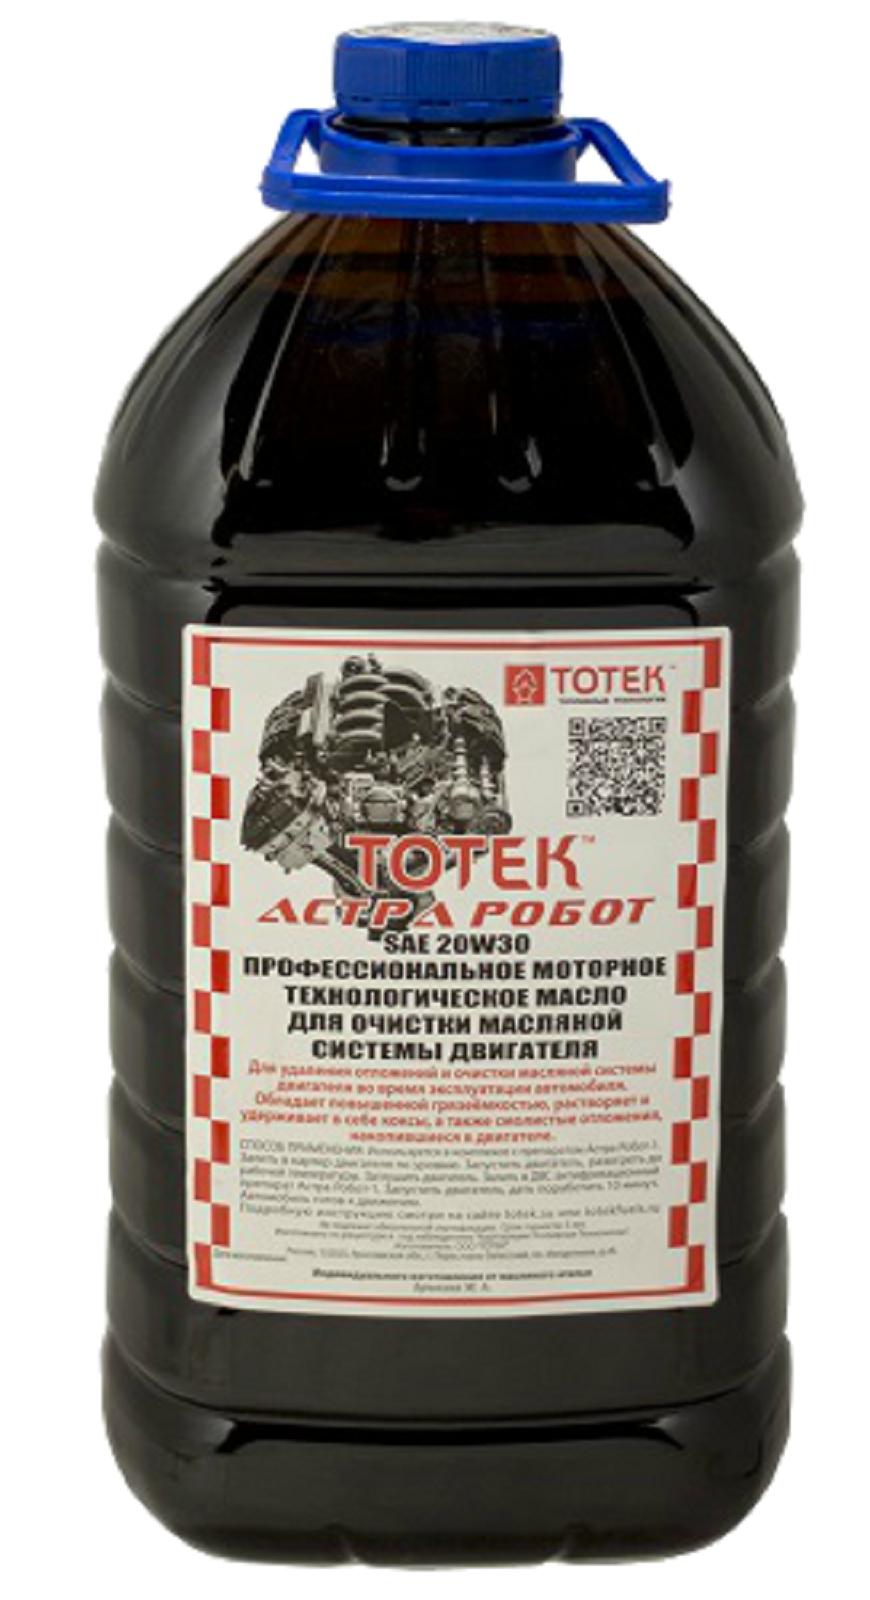 Моторное масло Тотек Астра Робот SAE 20w30